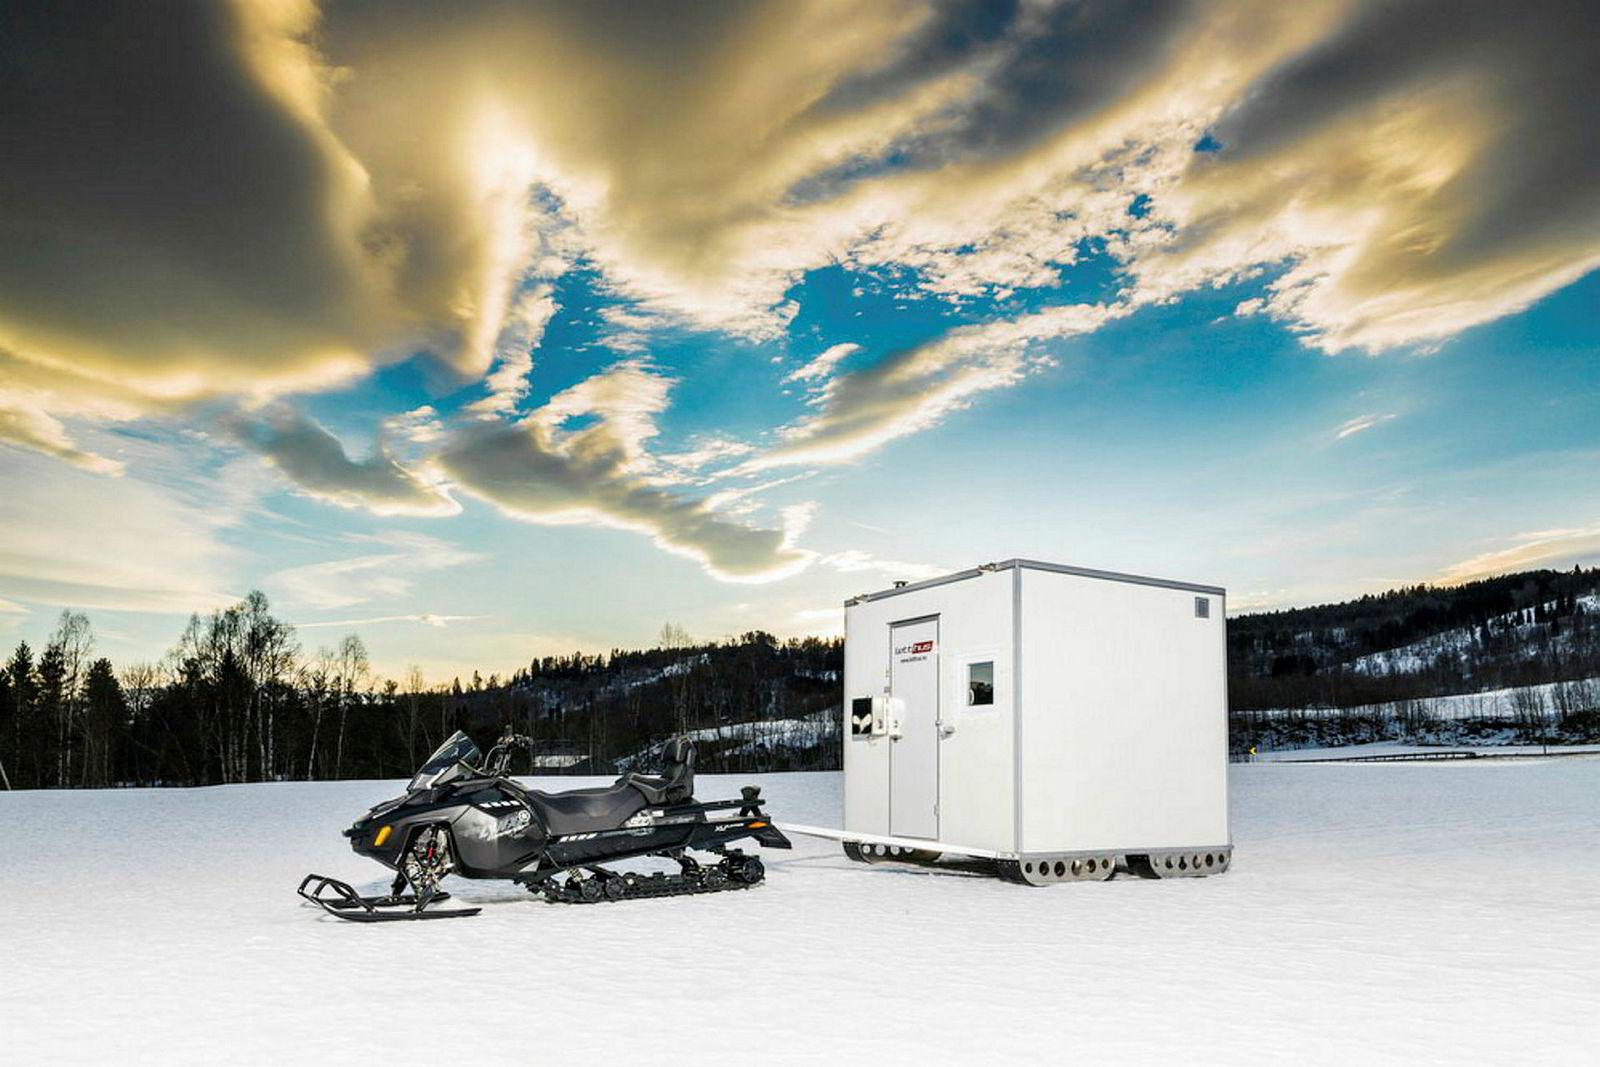 Vognene kan leveres med meier i stedet for hjul slik at de kan trekkes med snøscooter.